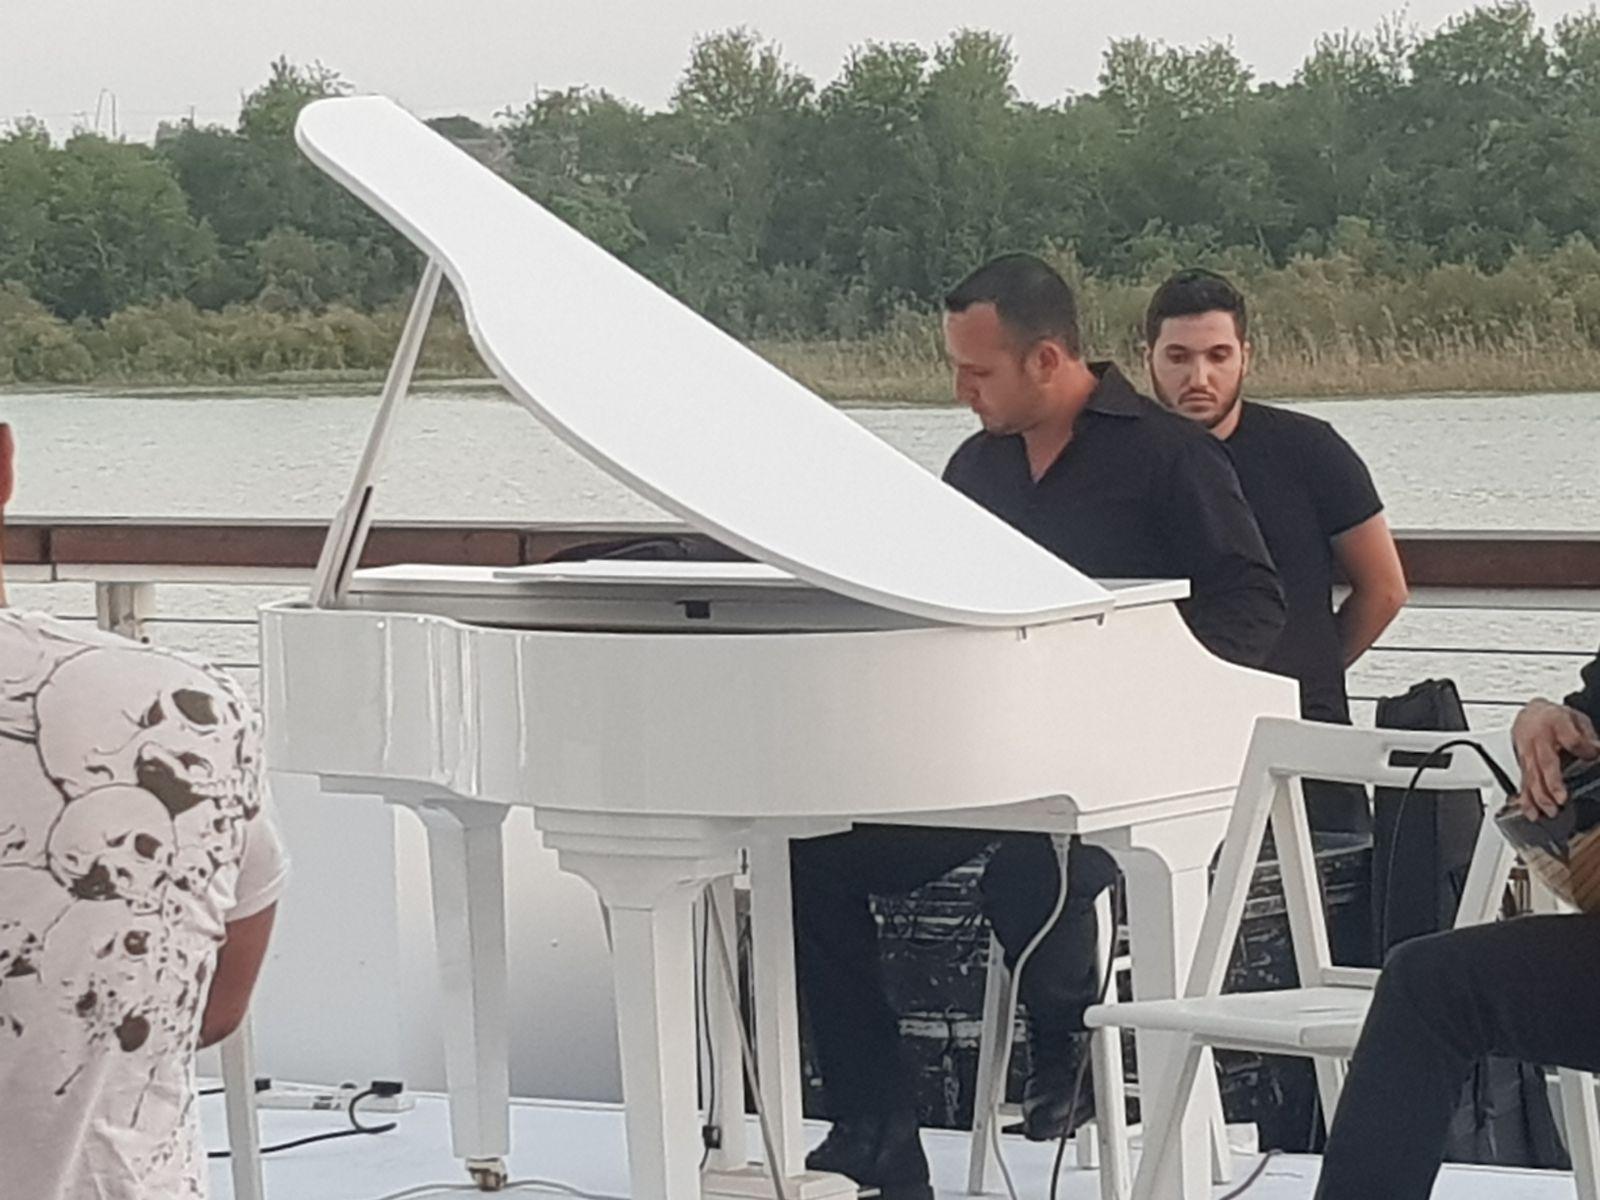 פסנתרים להשכרה השכרת פסנתרים